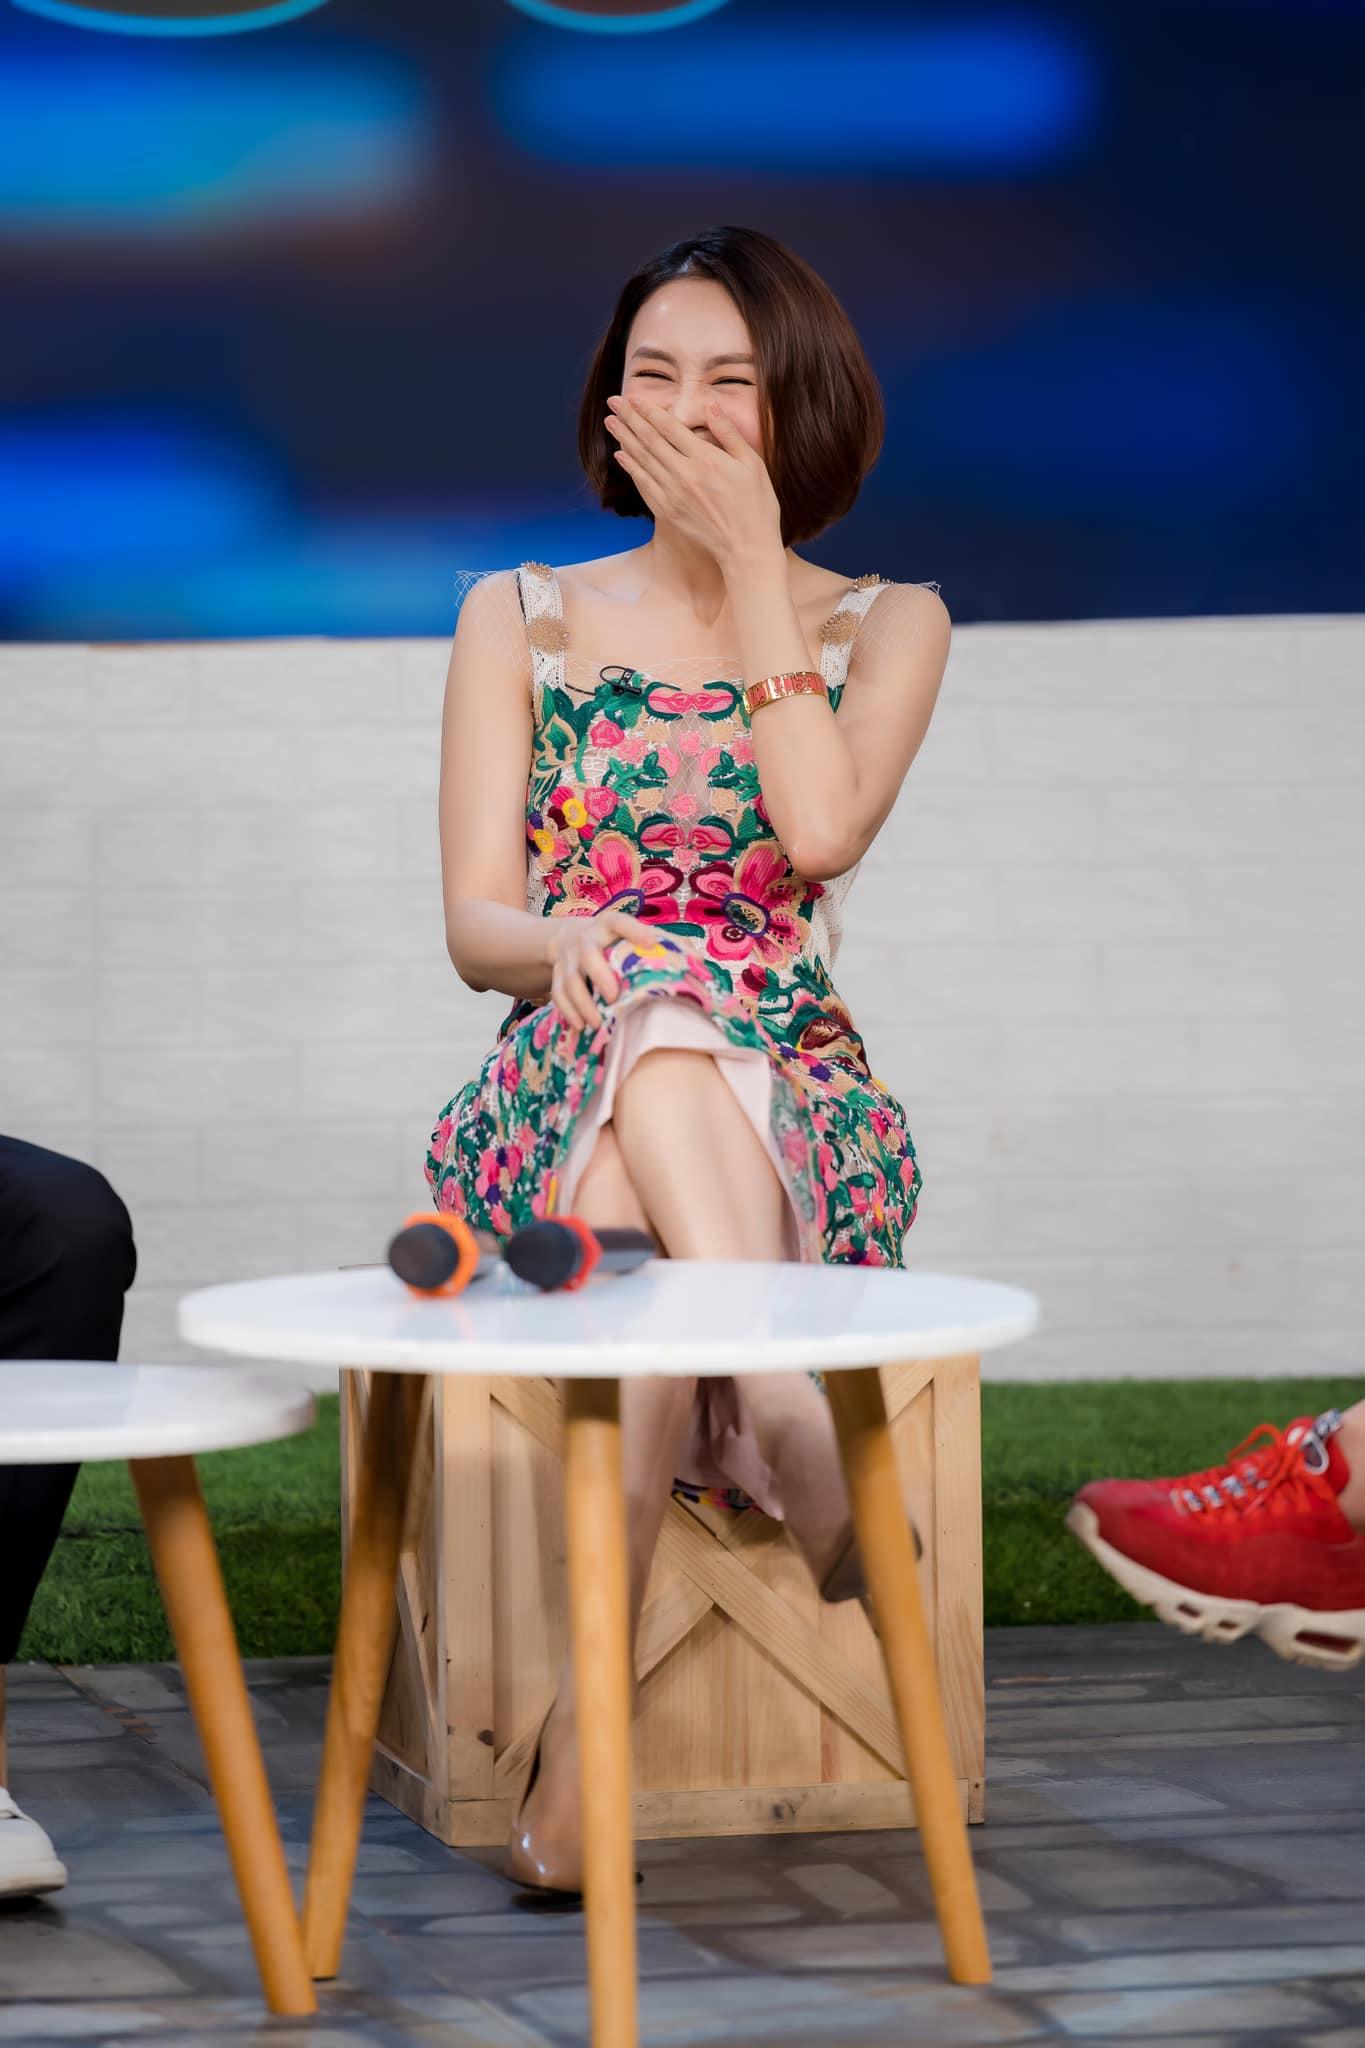 Hồng Diễm khác quá: Lên đồ chất như idol Kpop, choáng nhất là chiêu ăn vận hack dáng như photoshop kéo chân quá đà - Ảnh 12.